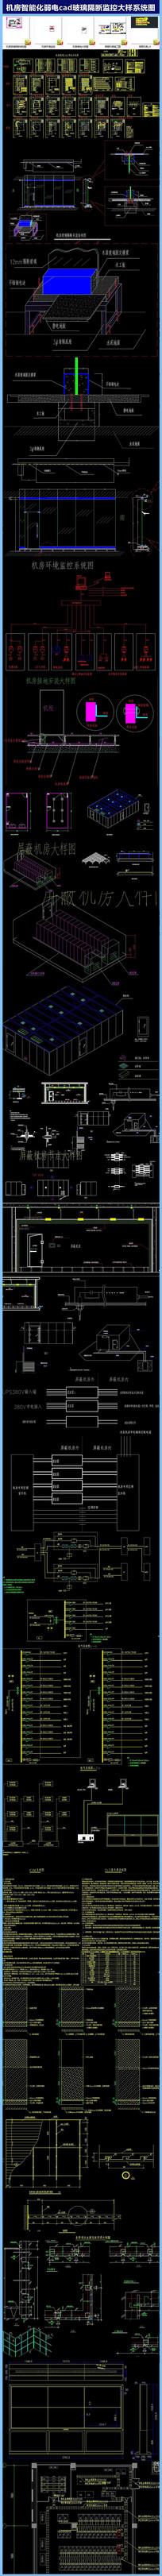 机房智能化弱电cad玻璃隔断监控系统图